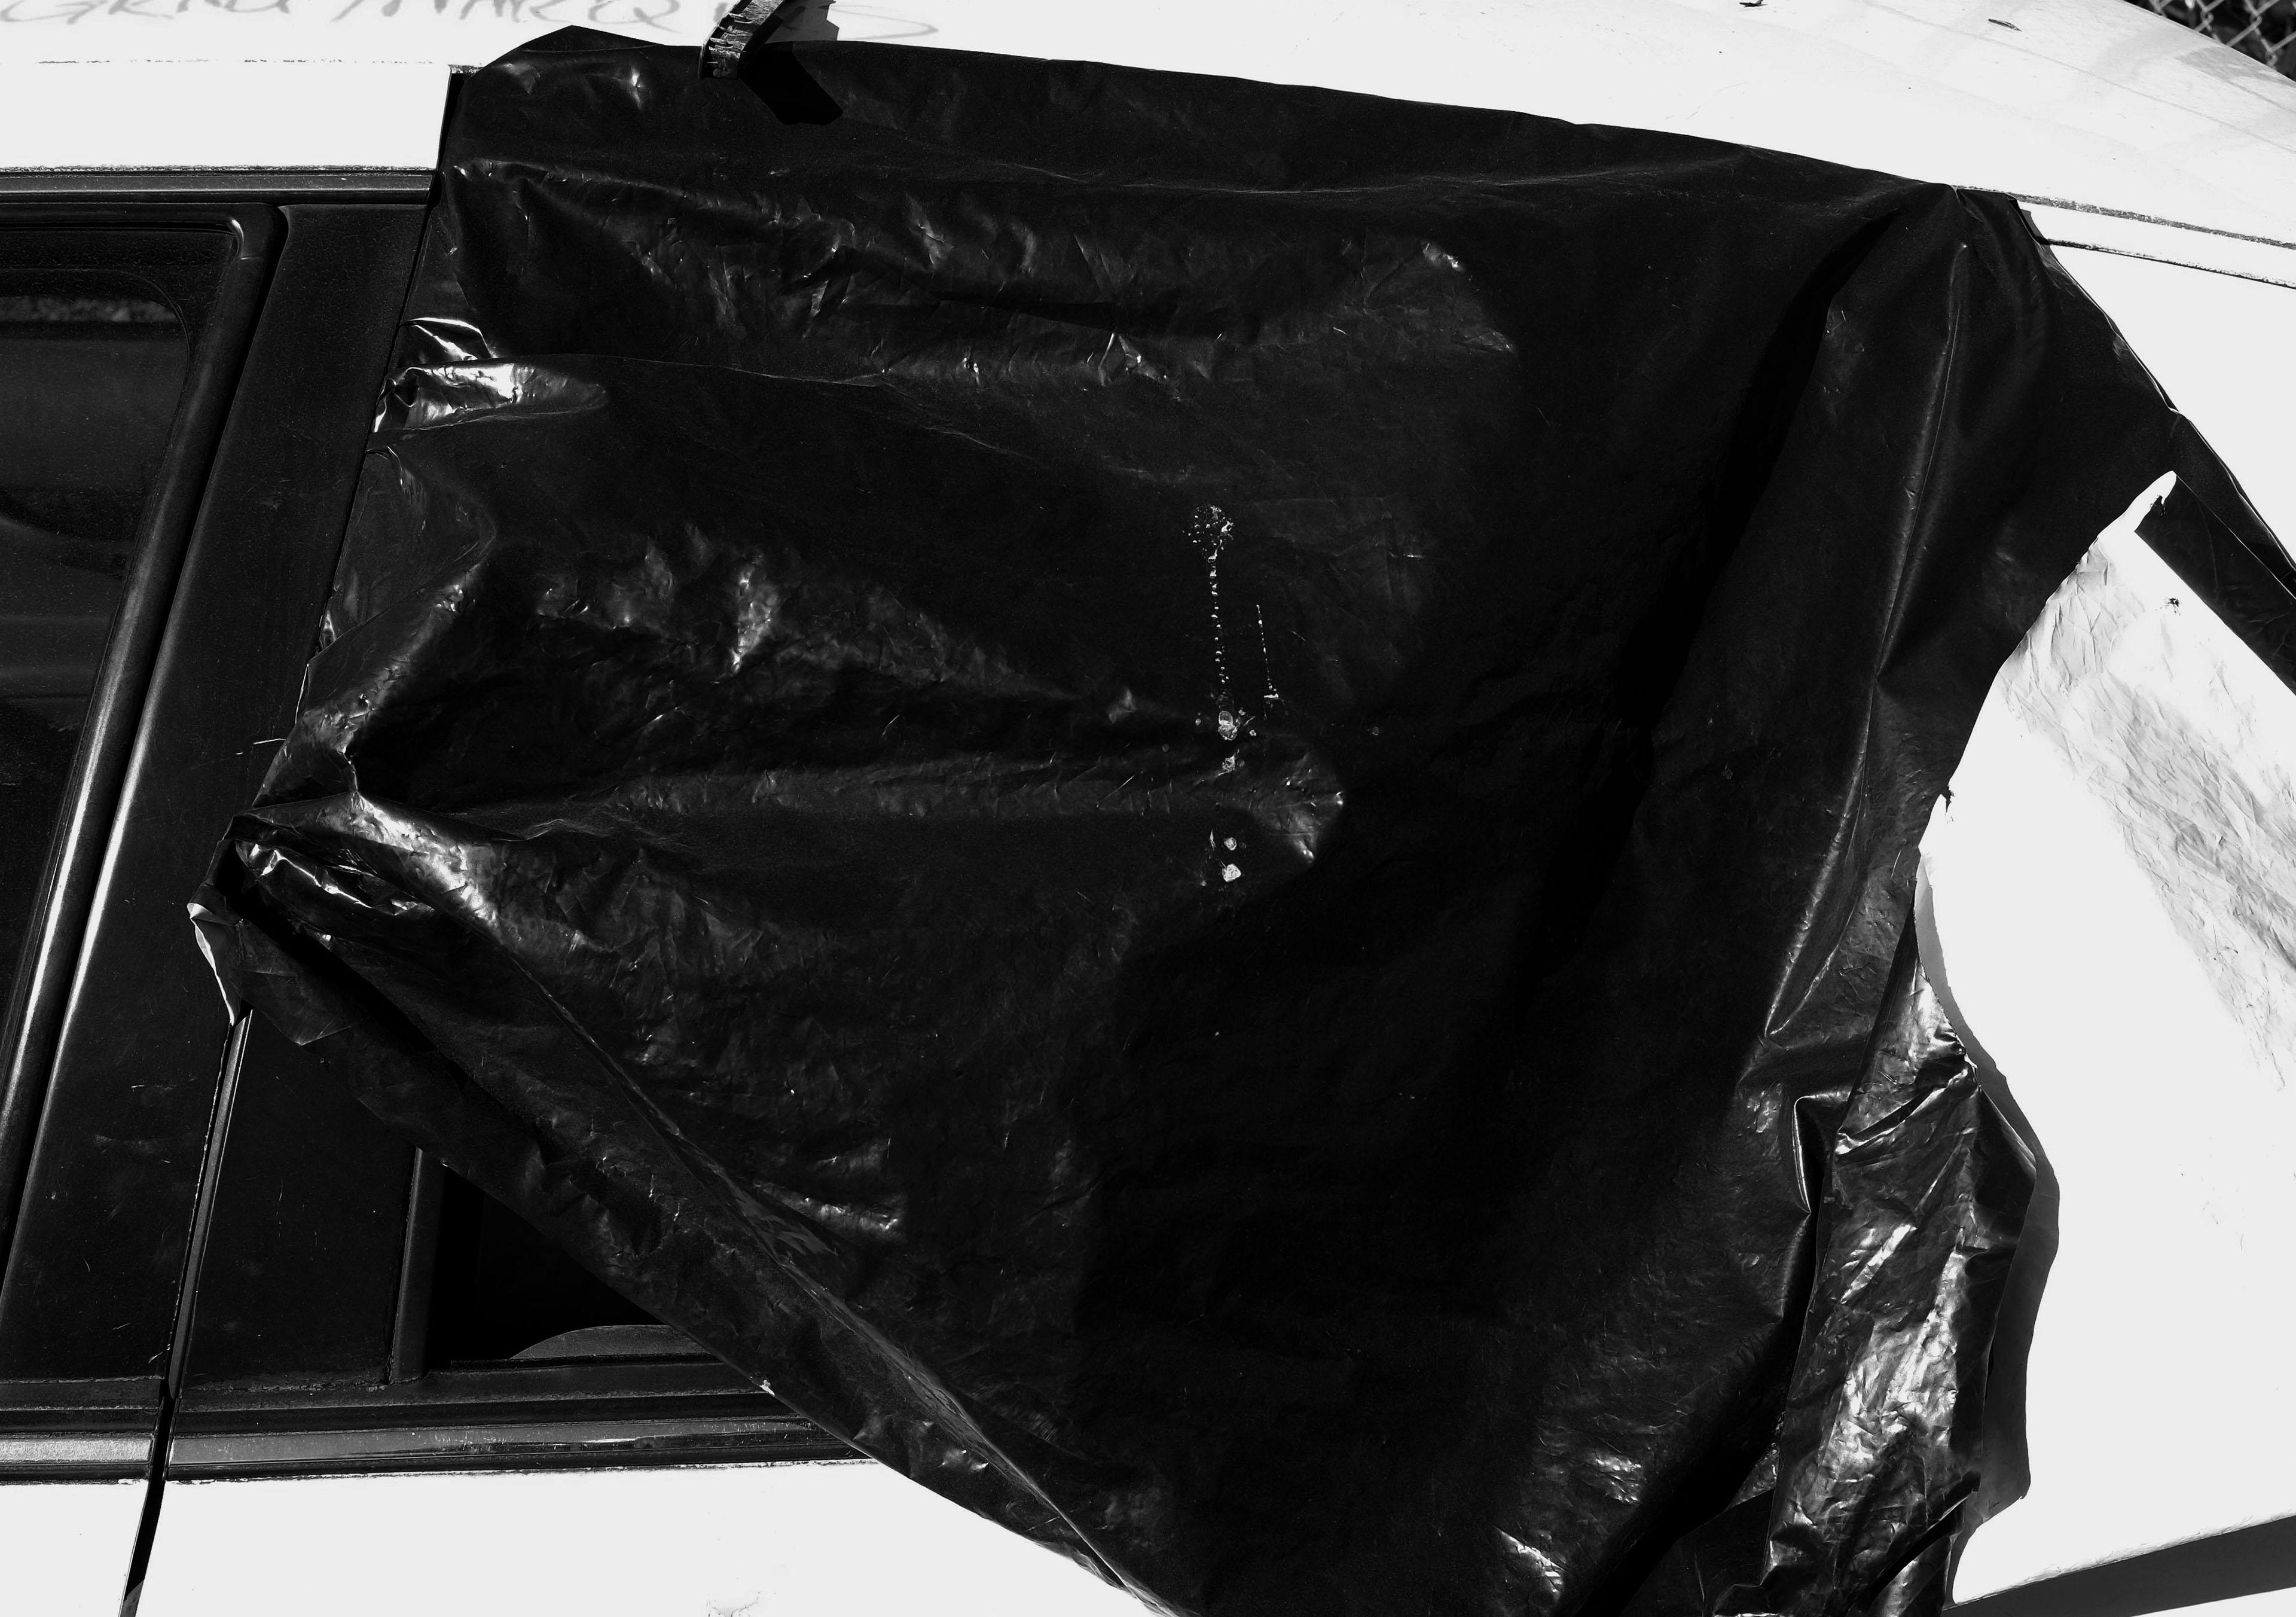 Black garbage bag covers a broken car window